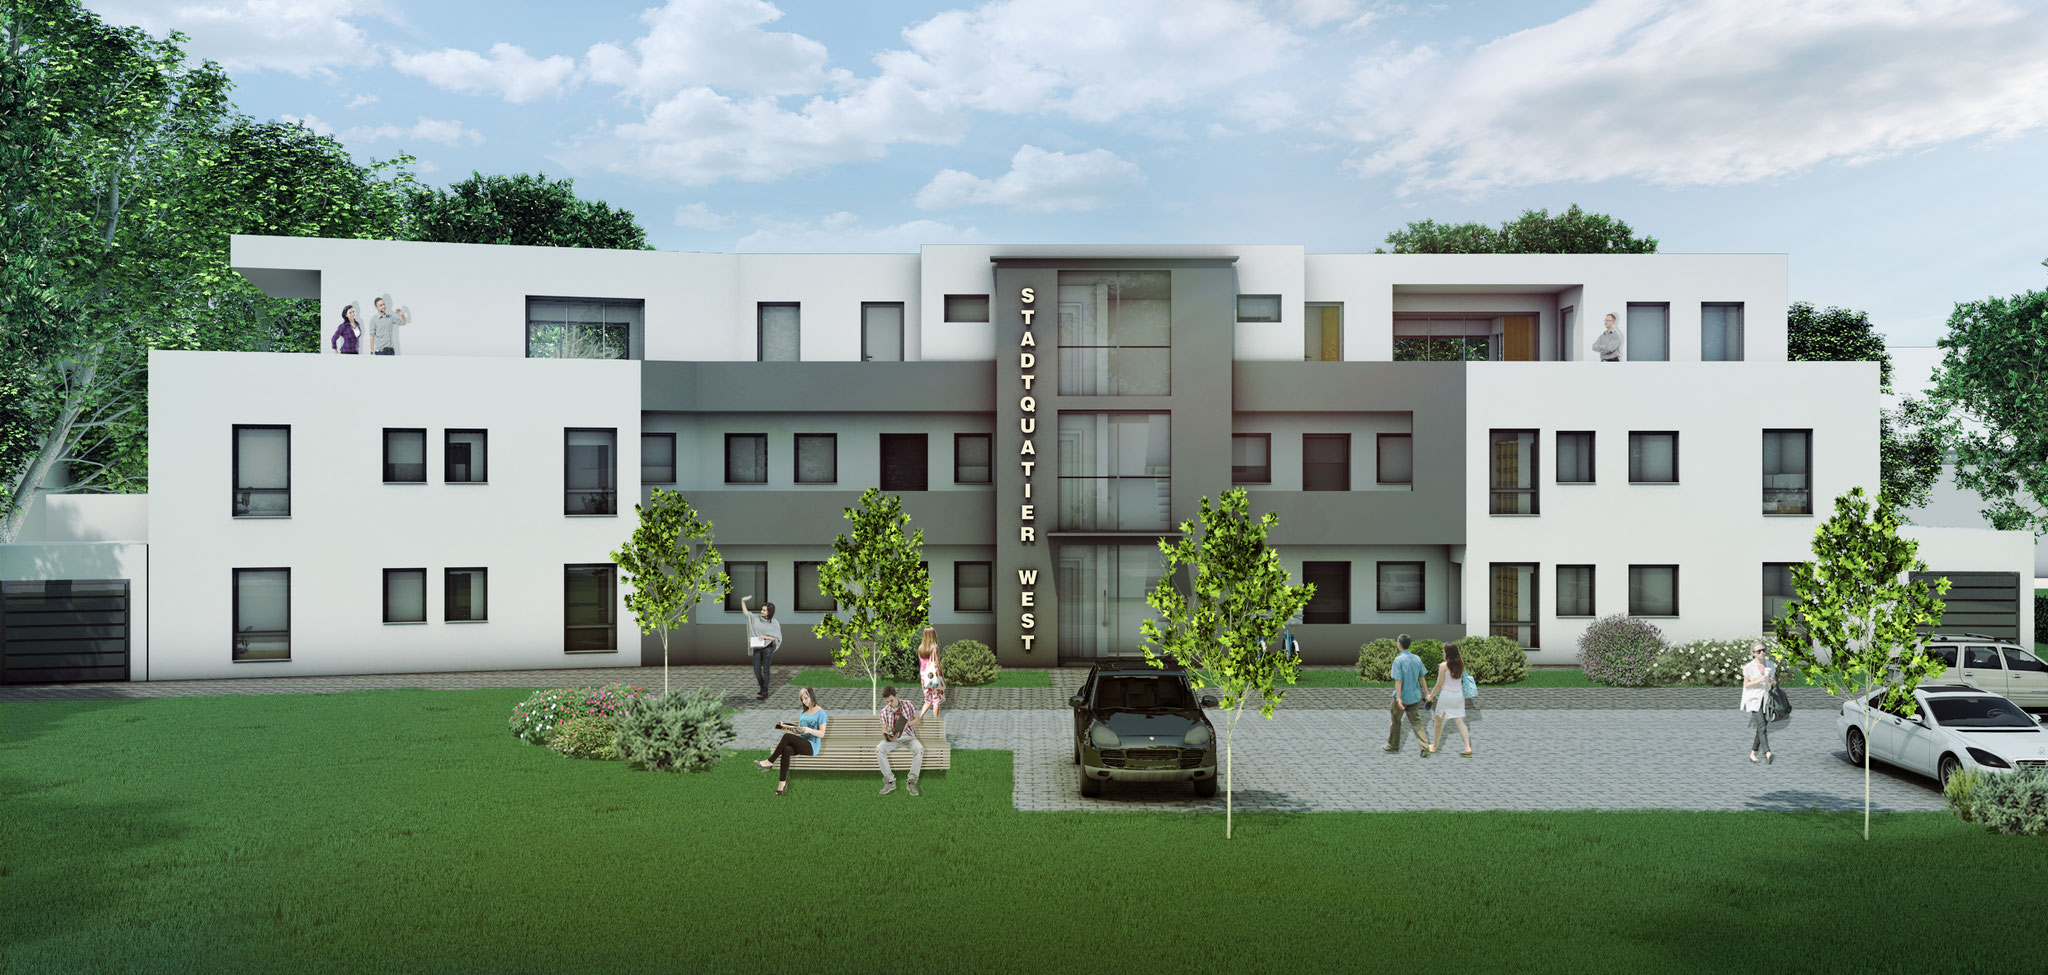 Mehrfamilienhaus, Schwerte - Rendering Solutions